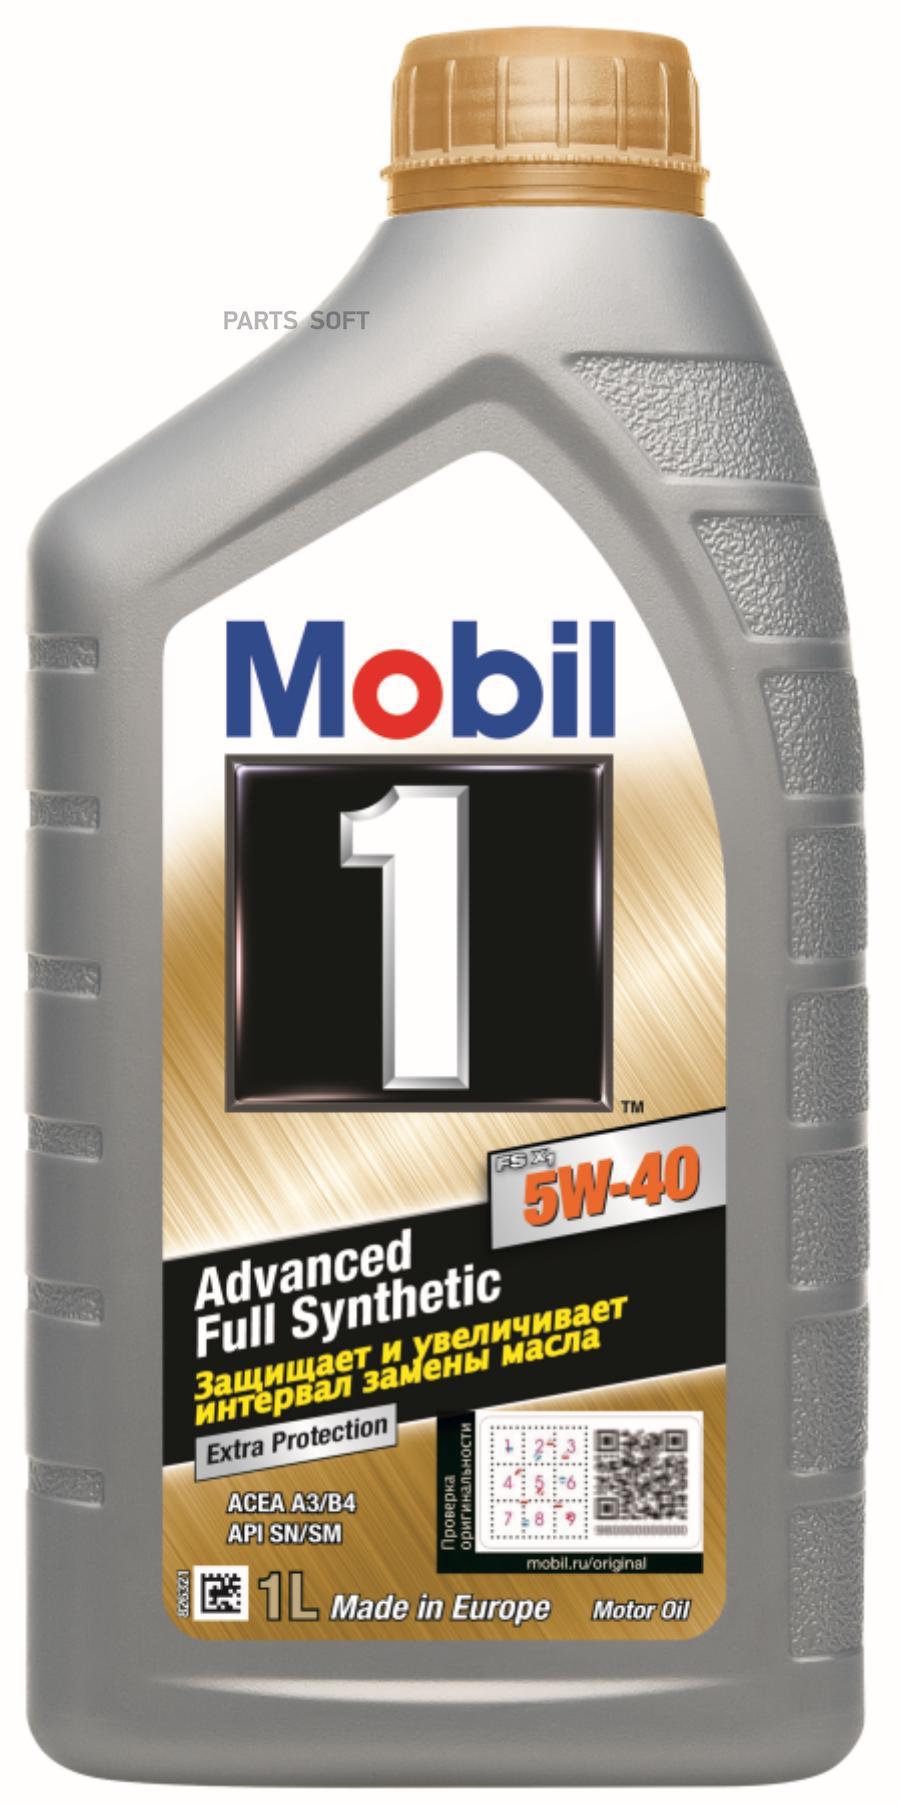 Масло моторное синтетическое Mobil 1 FS x1 5W-40, 1л